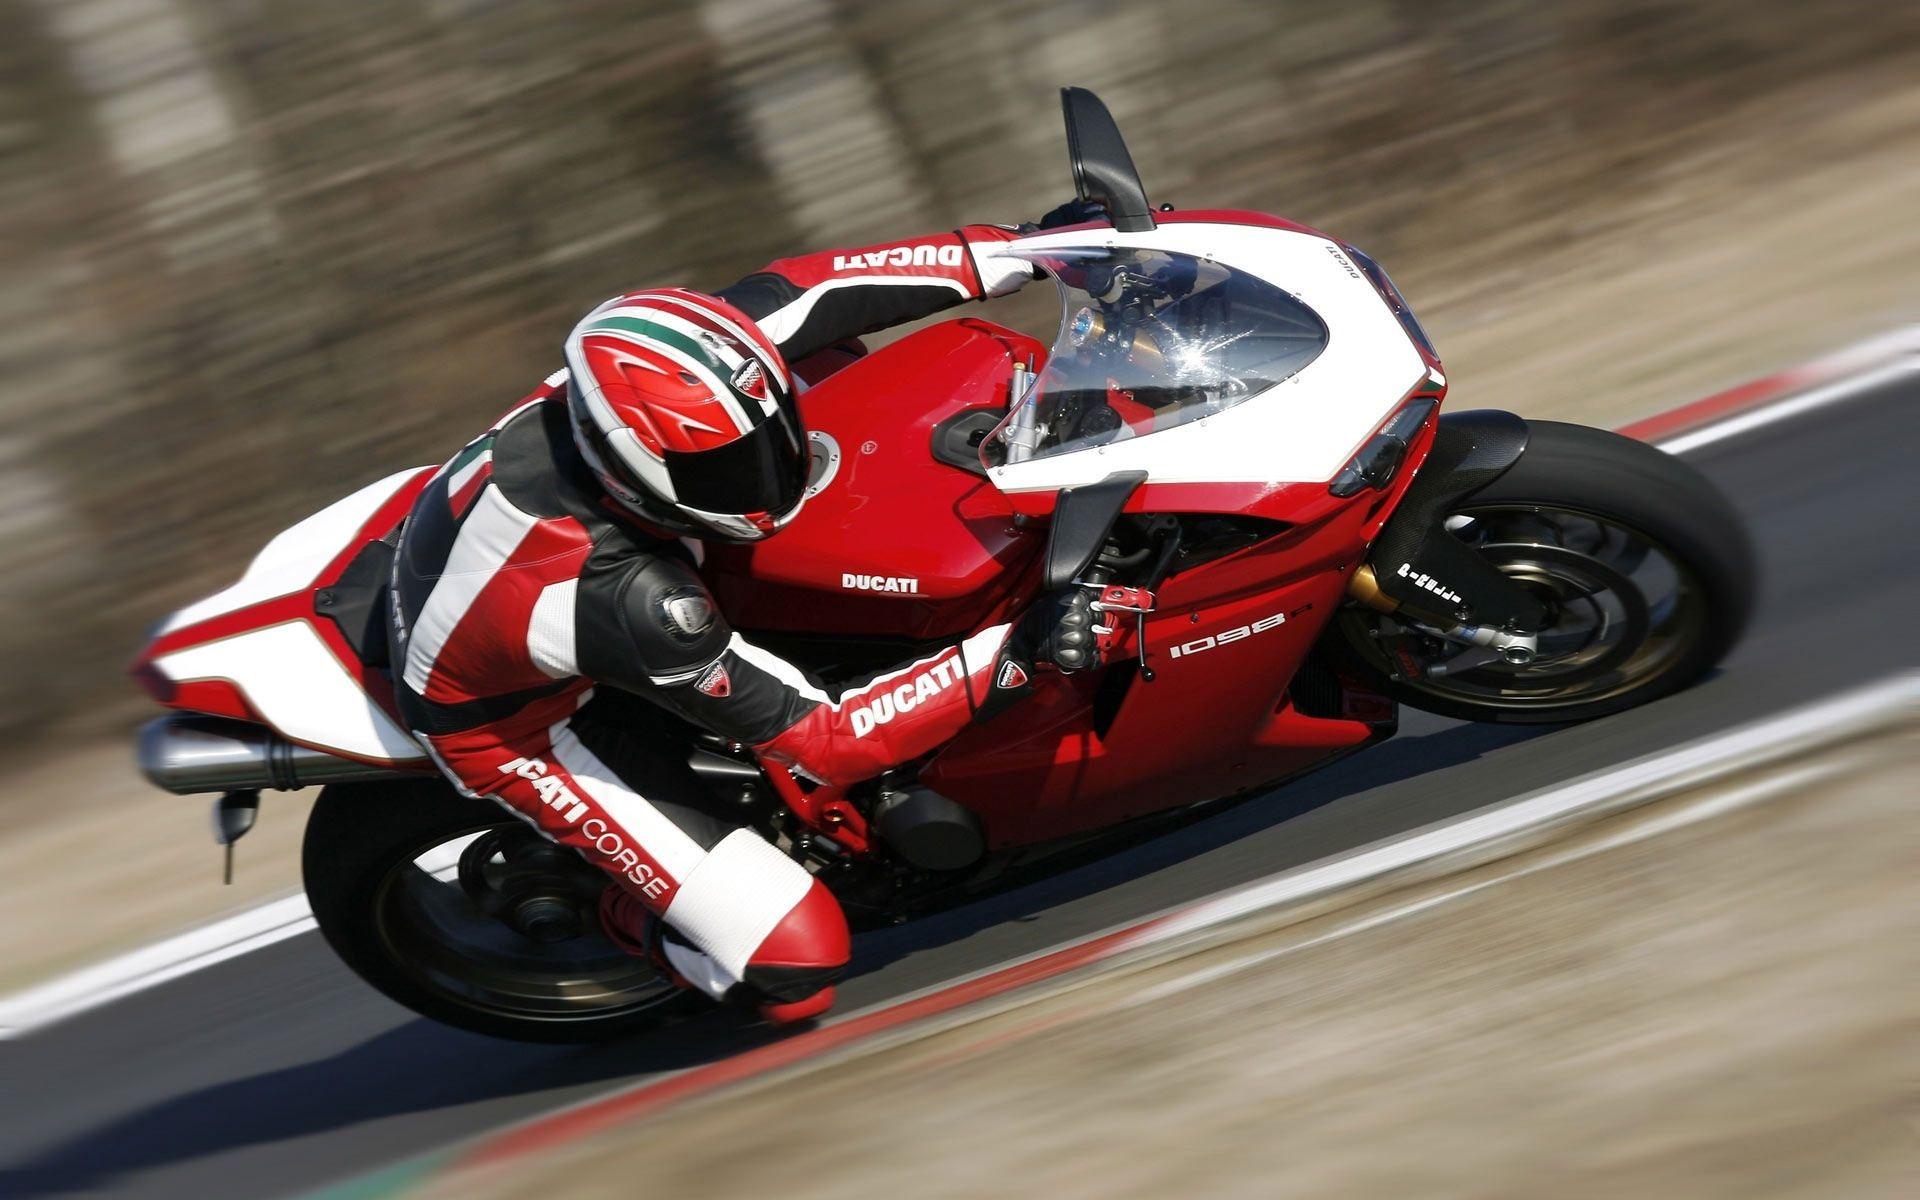 1098 Ducati Streetfighter Wallpaper Hd In 2019 Motorcycle